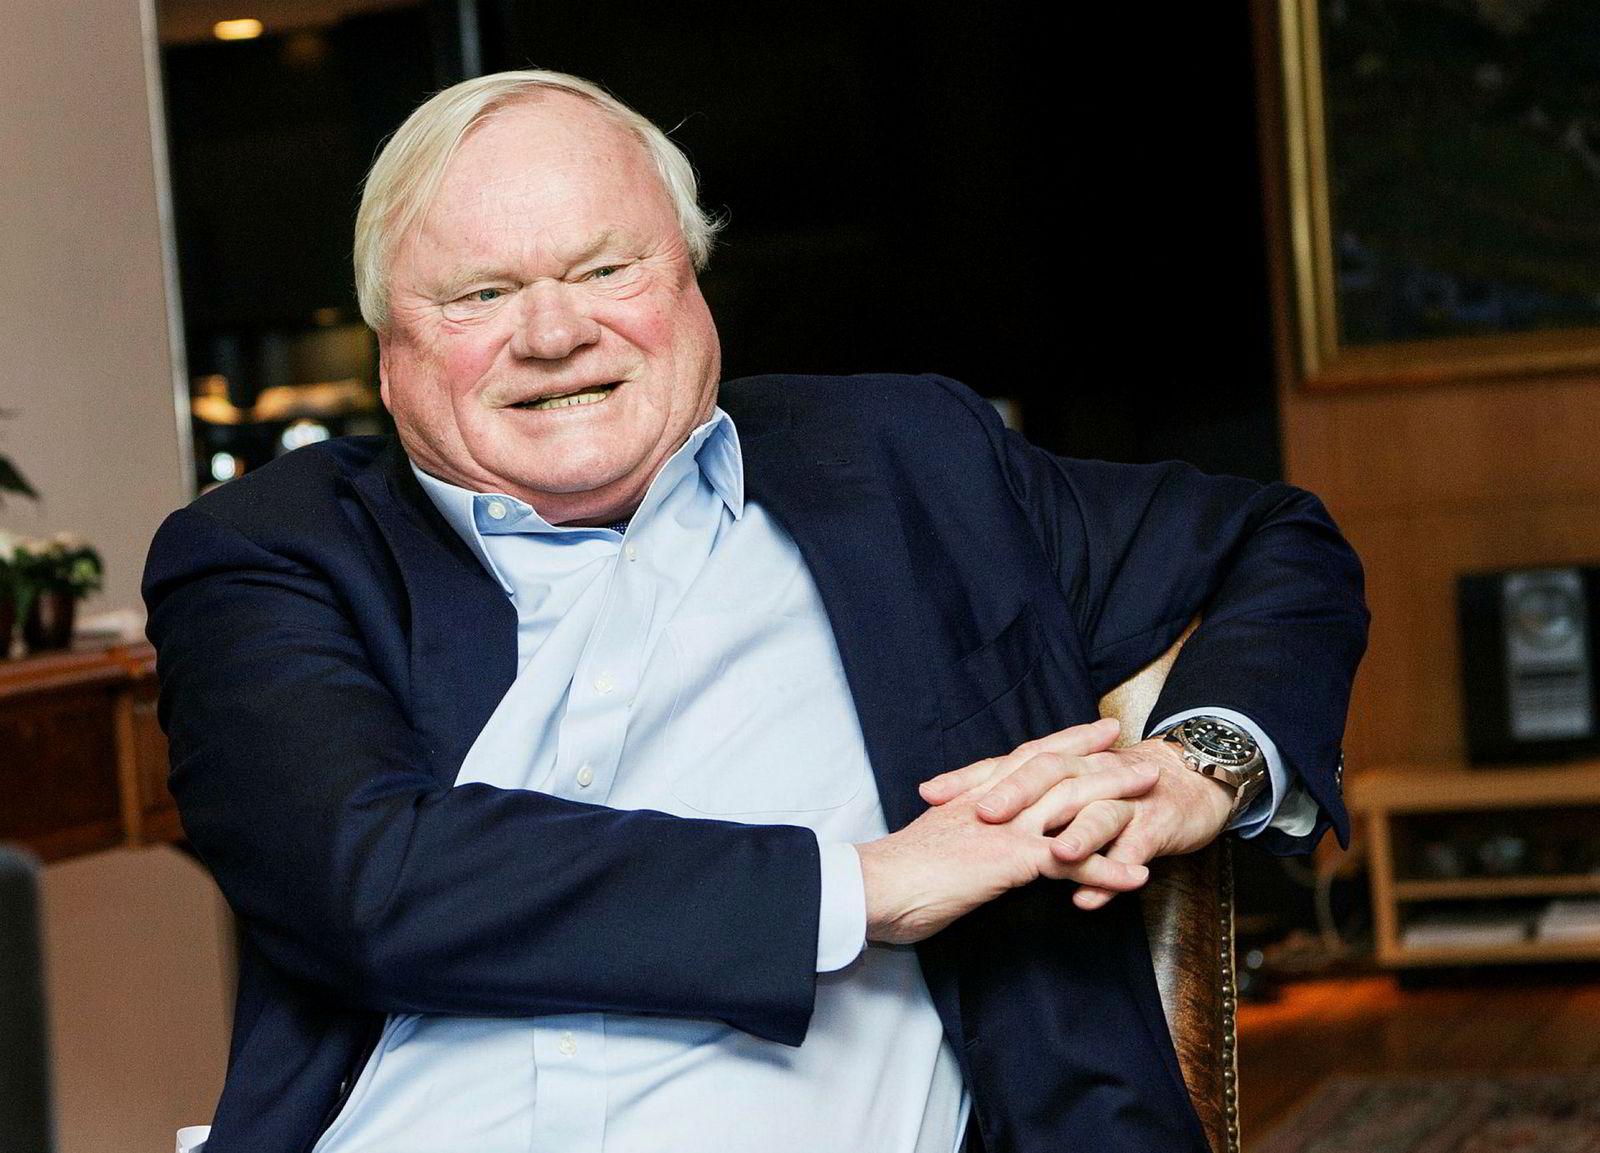 John Fredriksen har aksjer for 495 millioner kroner i Axactor.